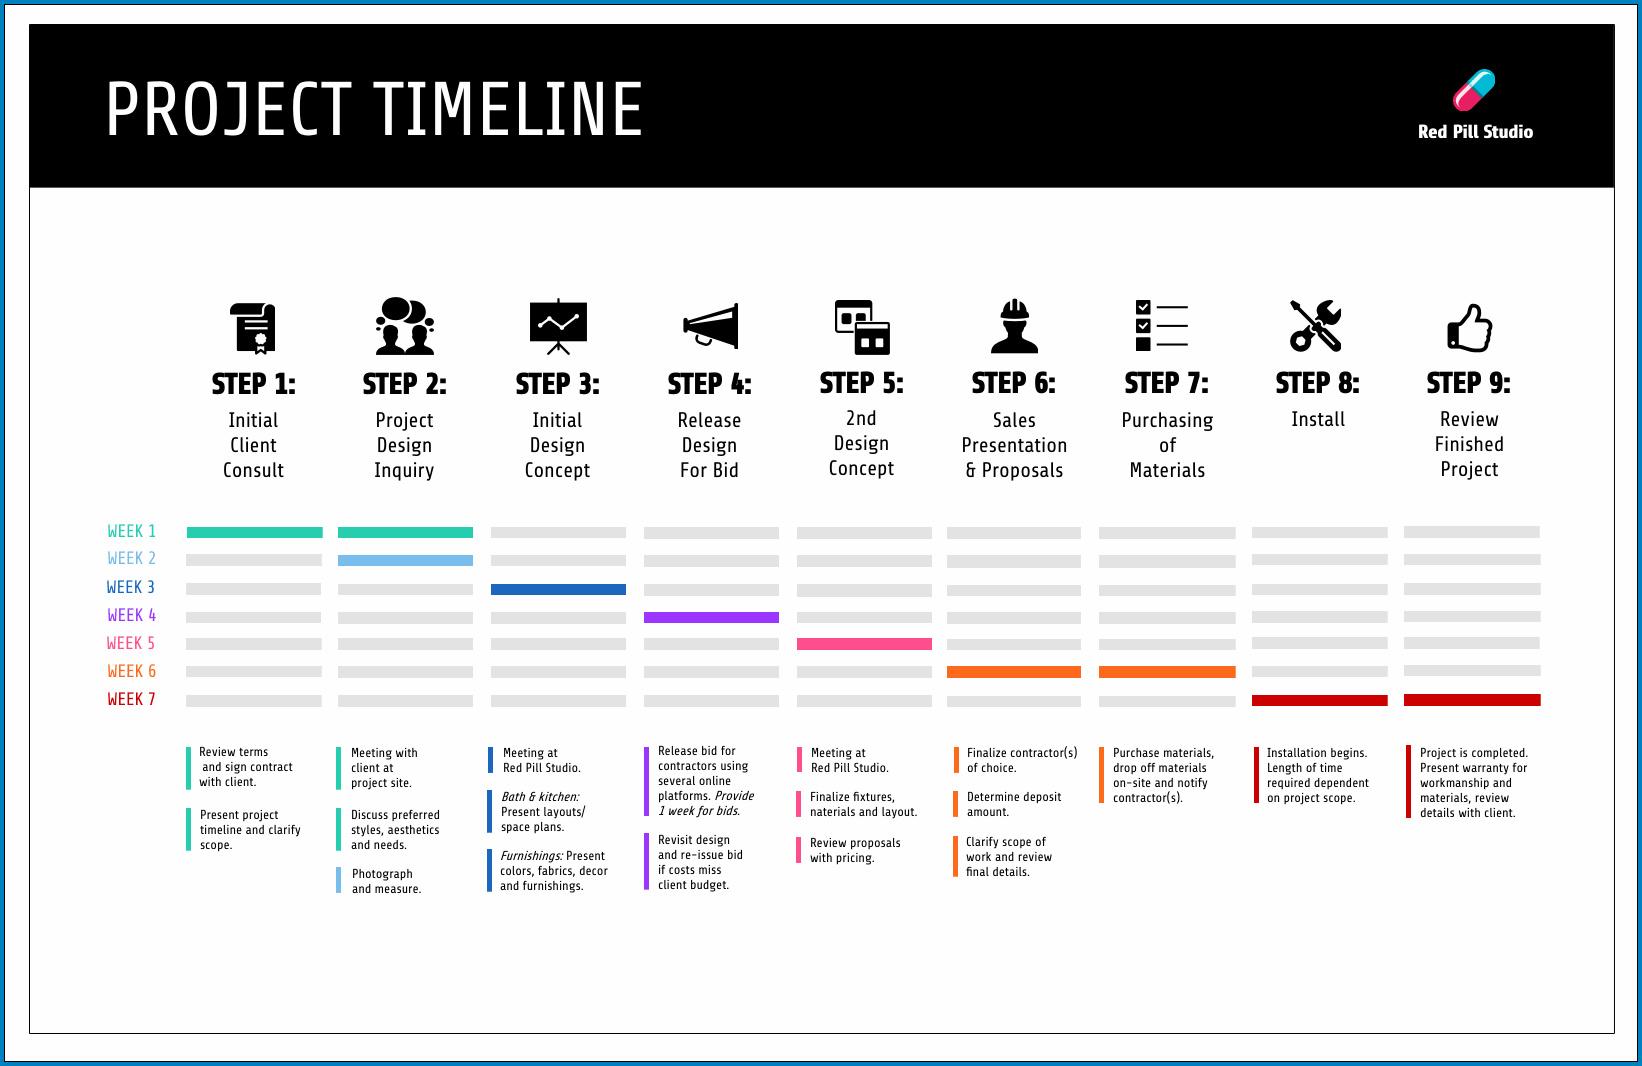 Project Plan Timeline Sample